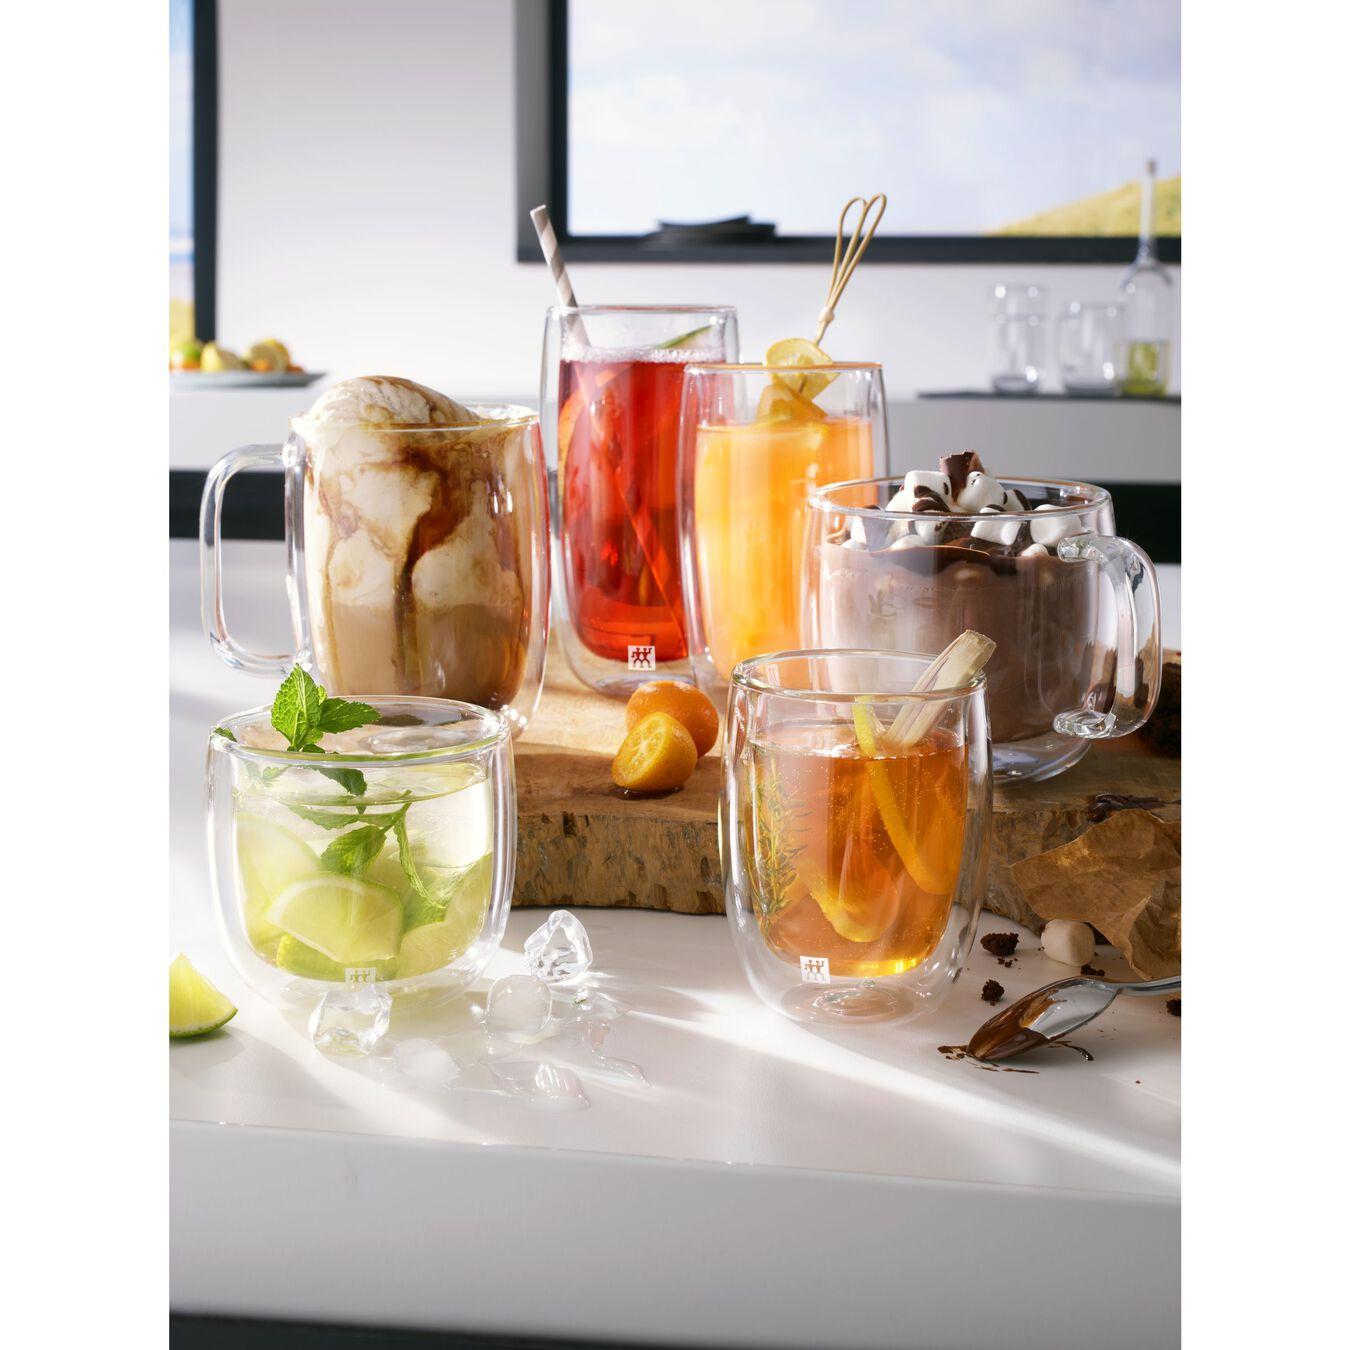 8 Piece Beverage Glass Set - Value Pack,,large 6